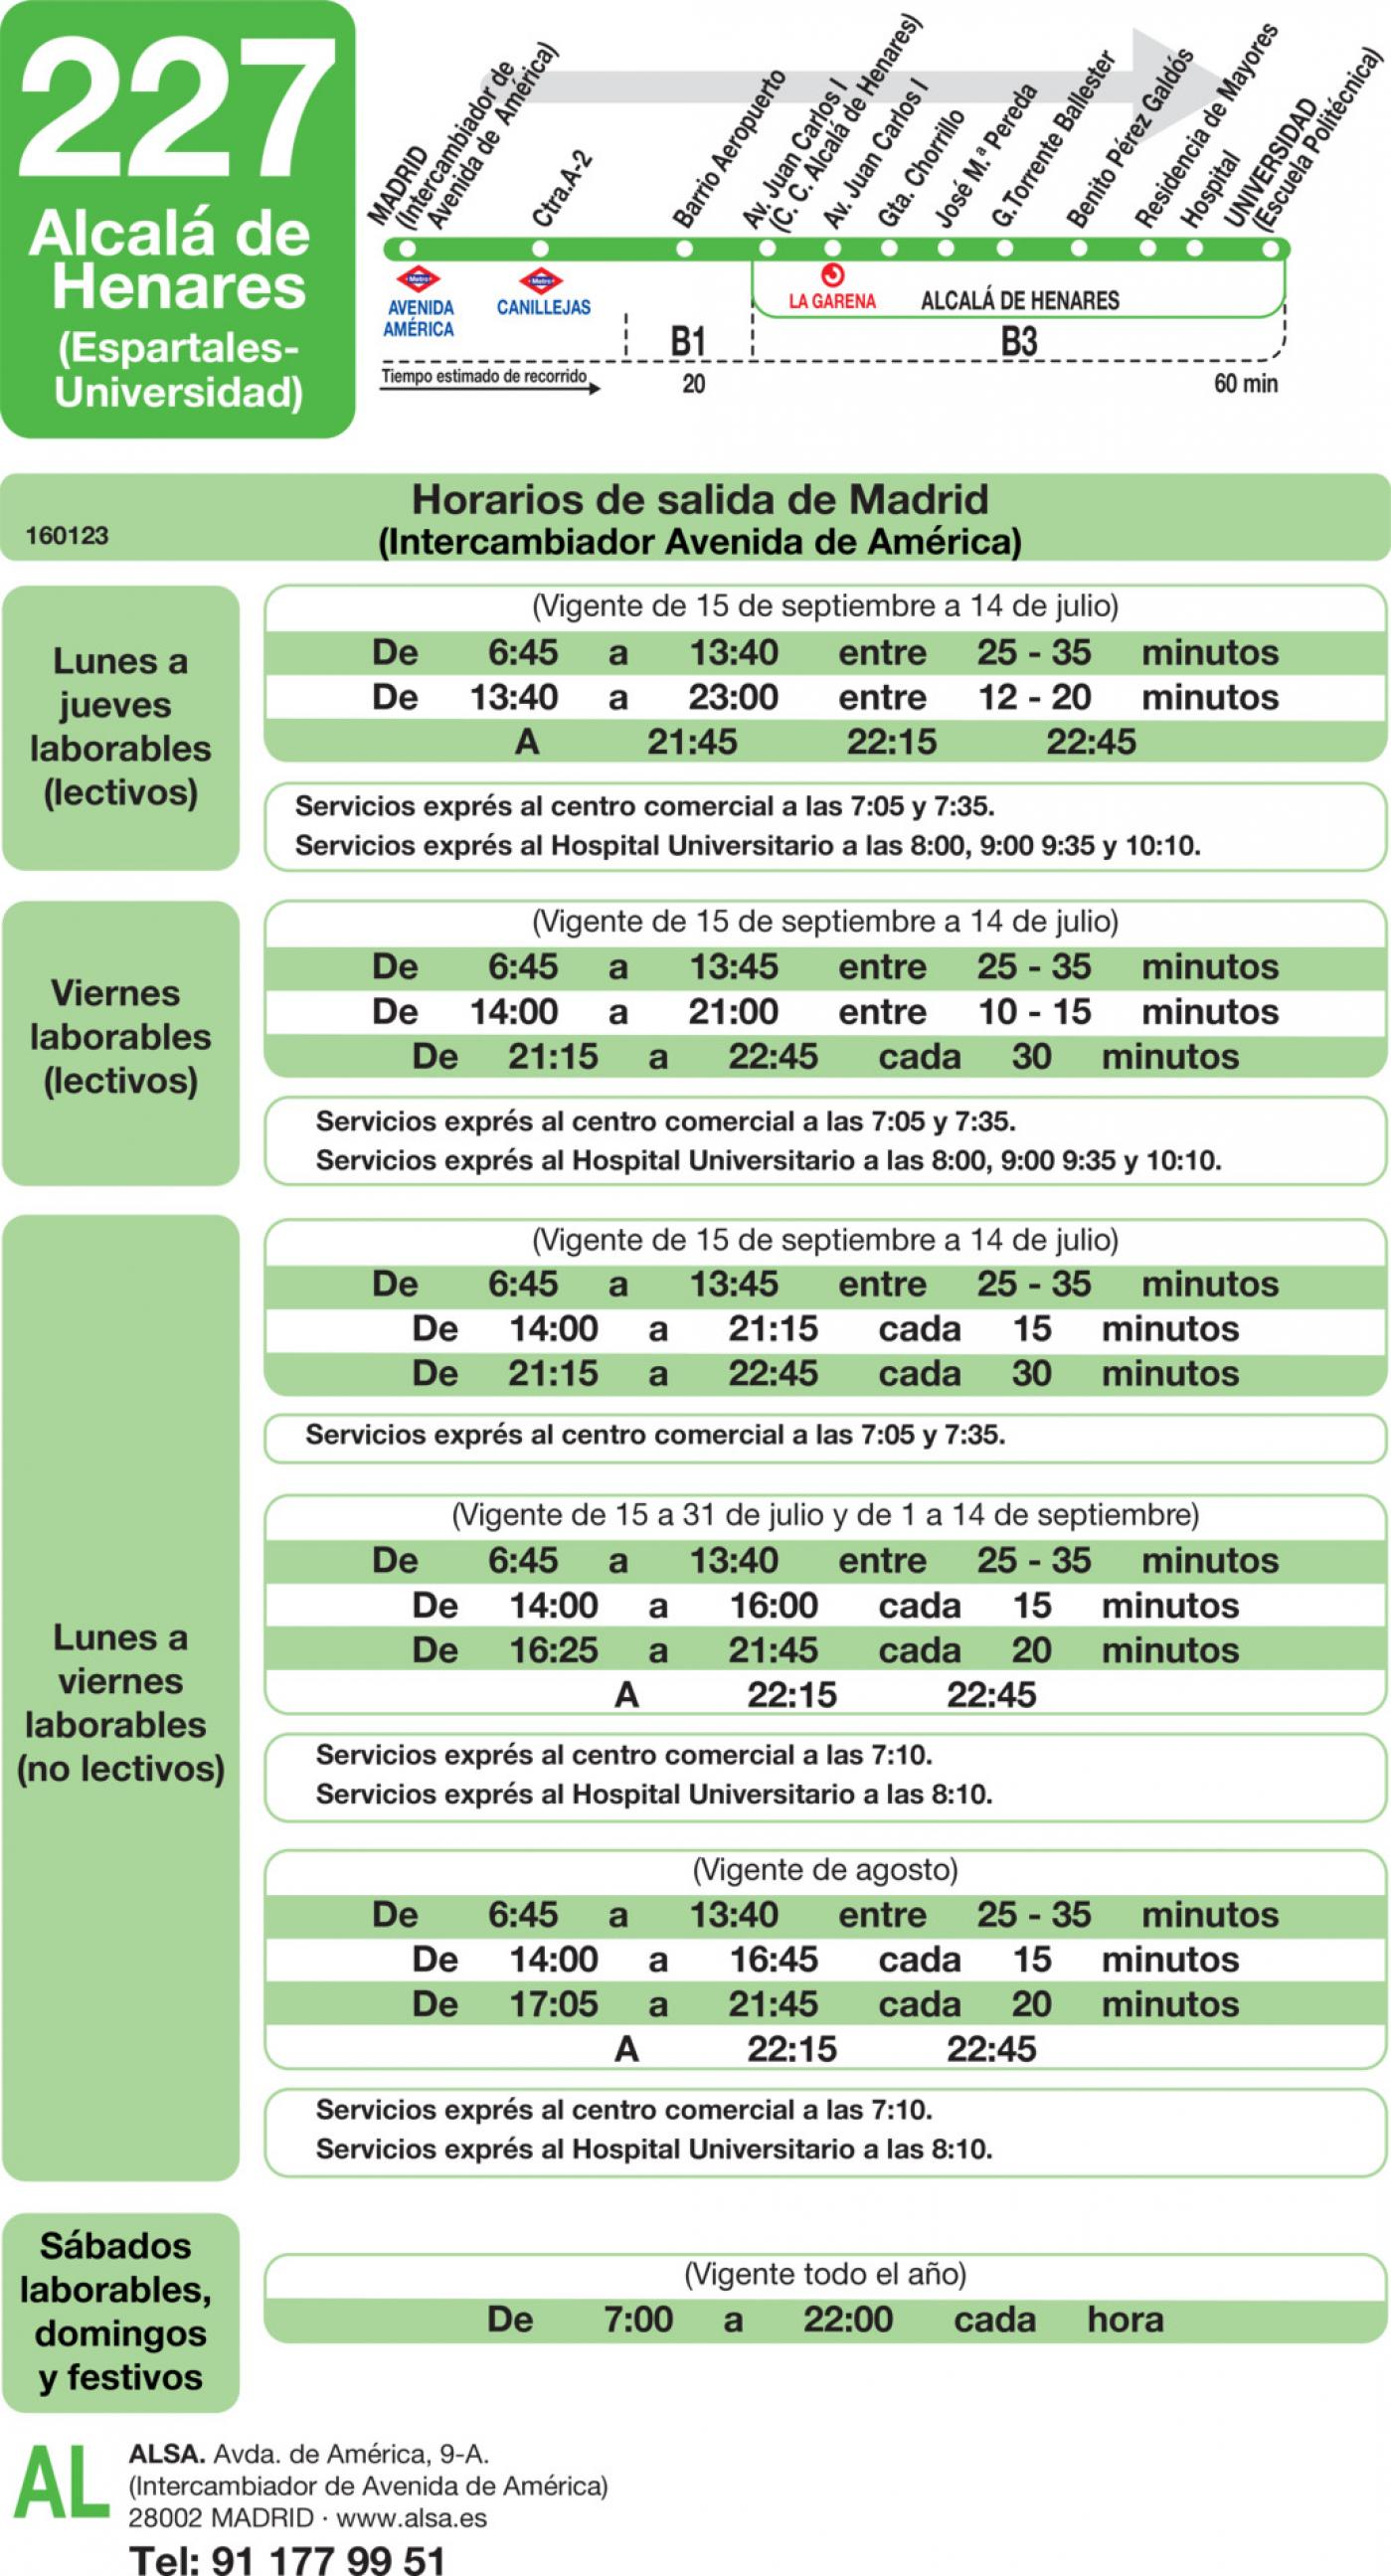 Tabla de horarios y frecuencias de paso en sentido ida Línea 227: Madrid (Avenida América) - Alcalá de Henares (Espartales - Universidad)